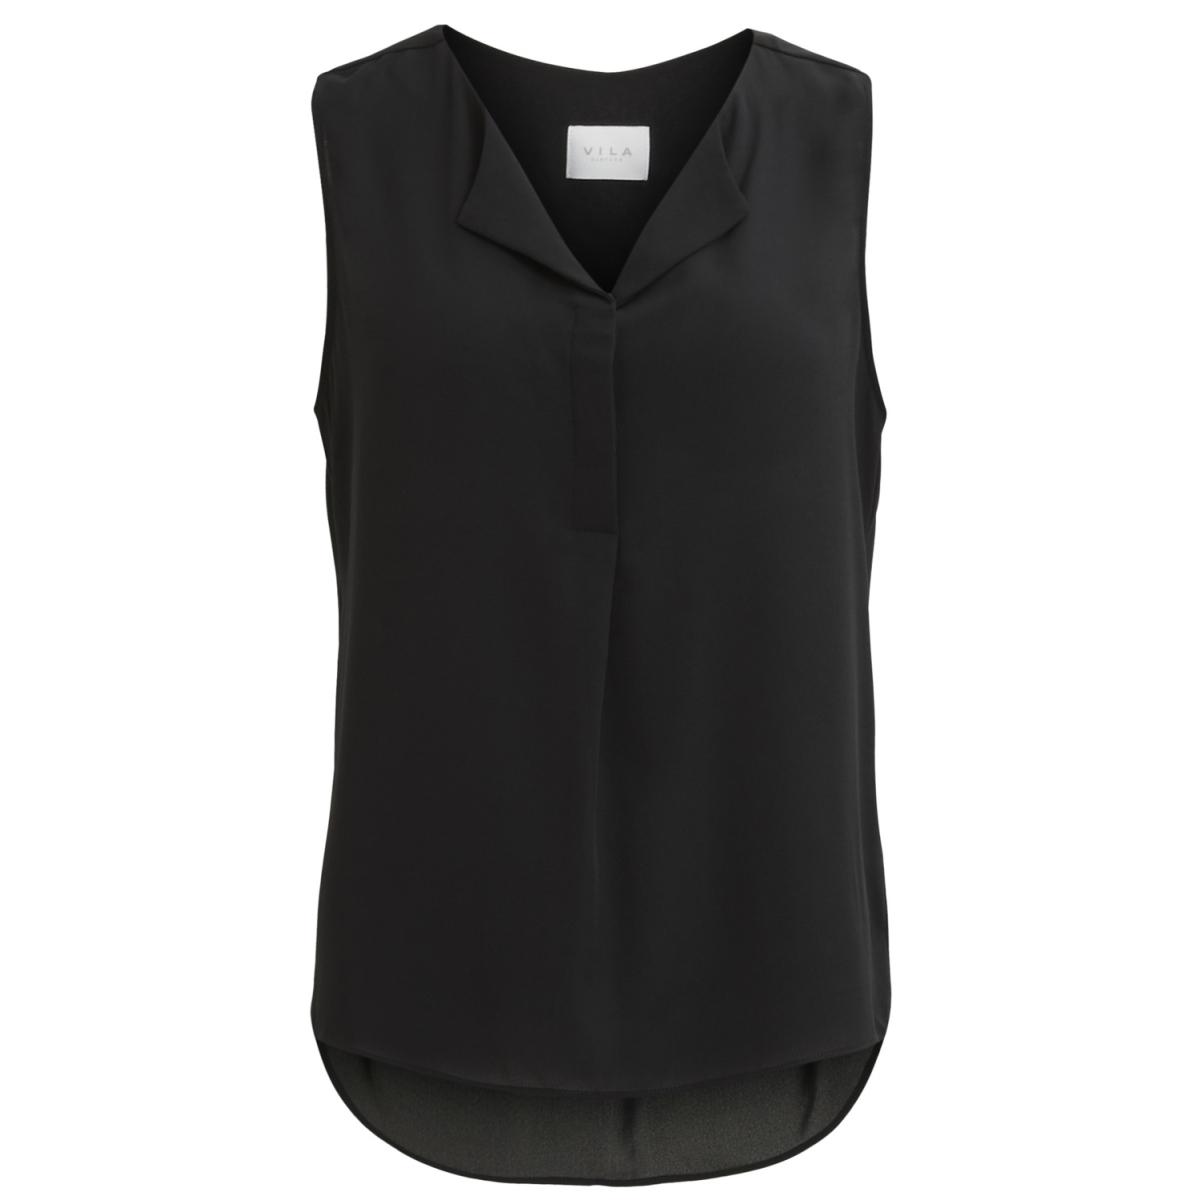 vilucy s/l top - noos 14044615 vila top black